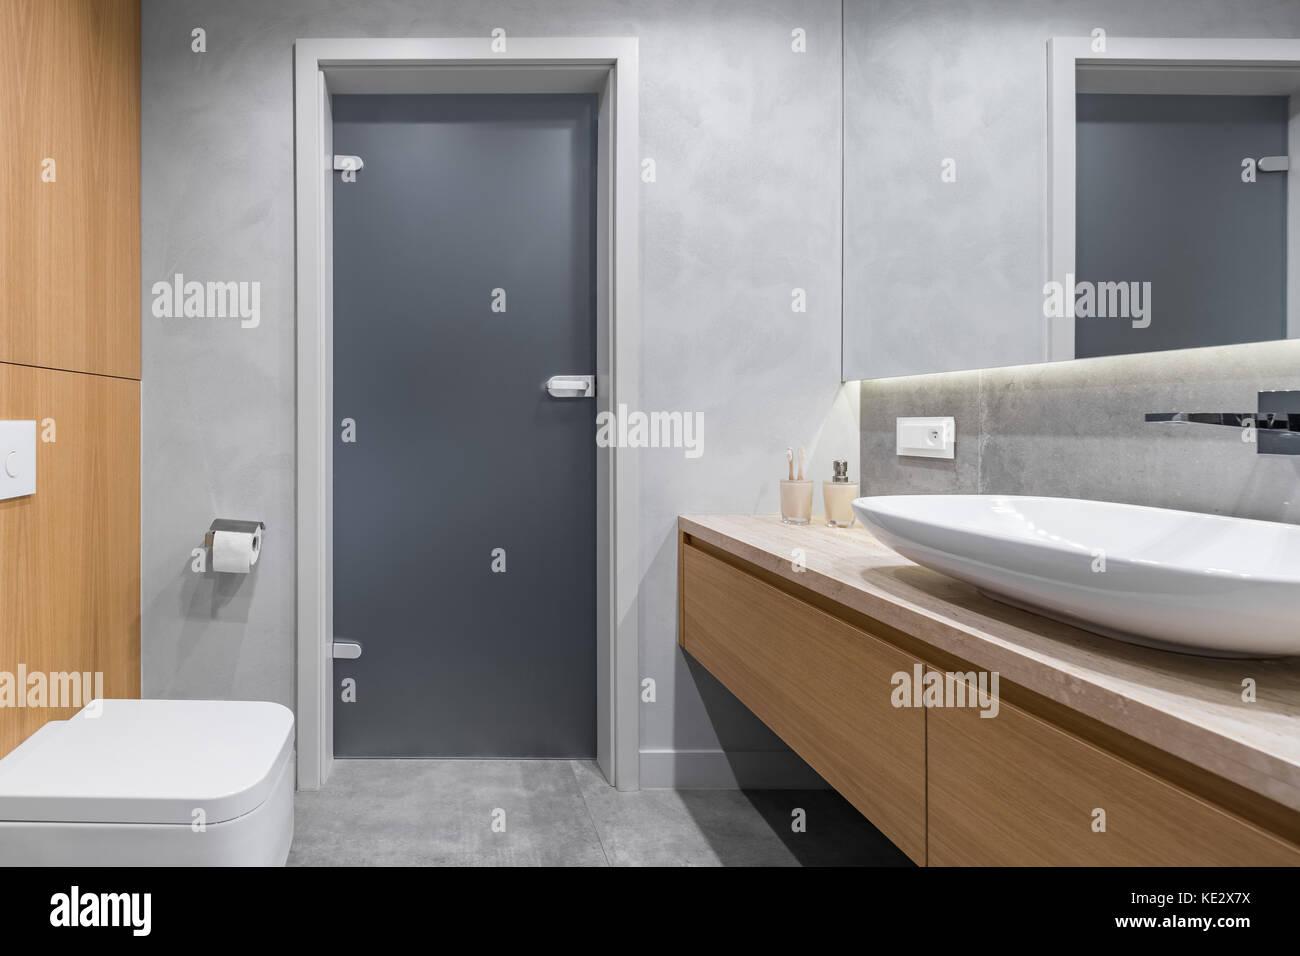 Nuovo design bagno con bancone bacino piastrelle grigio e bianco